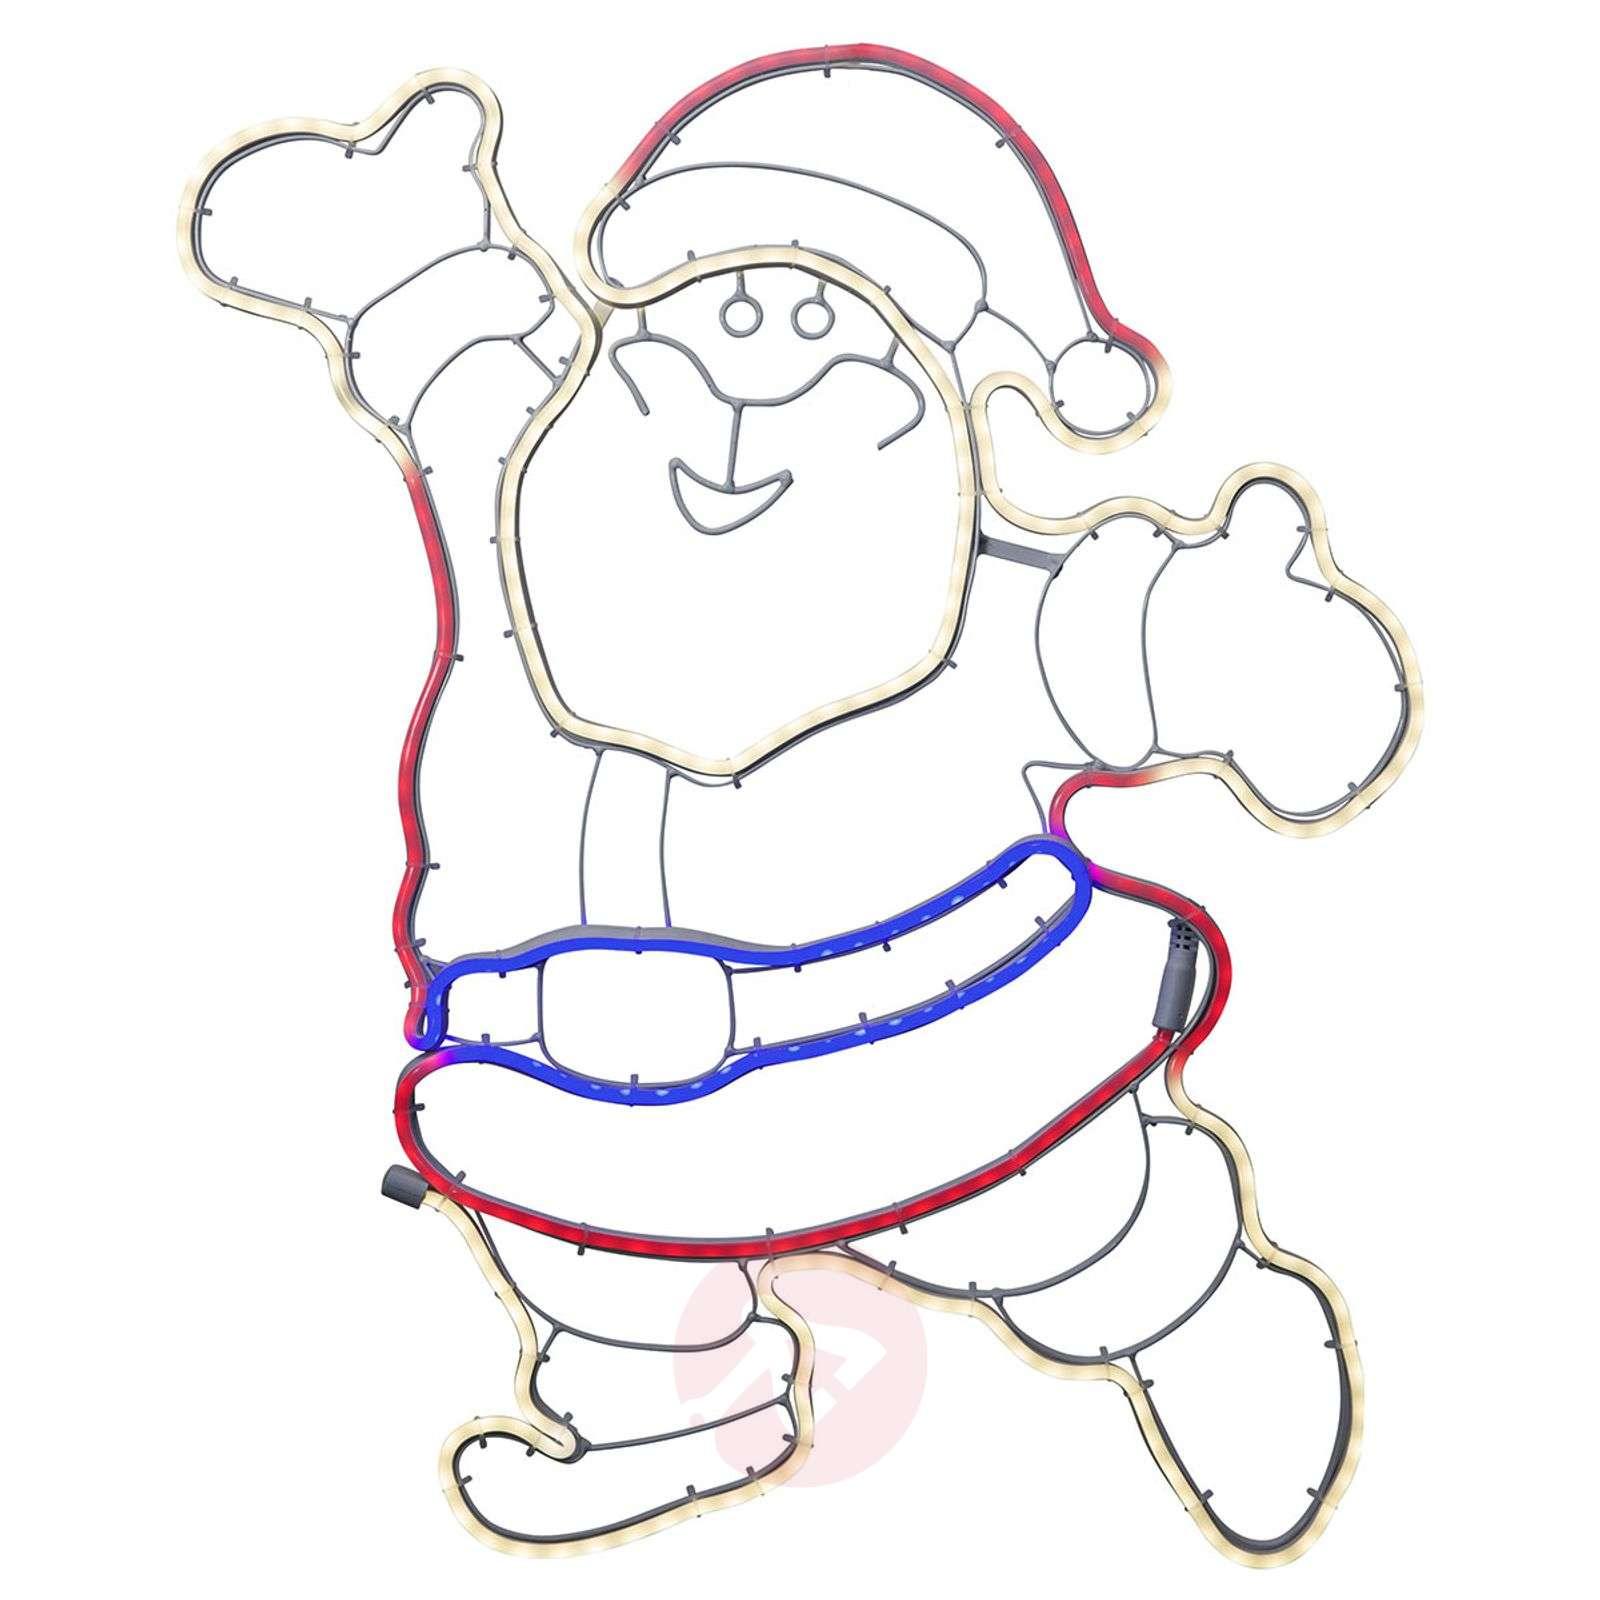 Iloinen joulupukki-figuuri NeoLED ulkokäyttöön-1523459-01